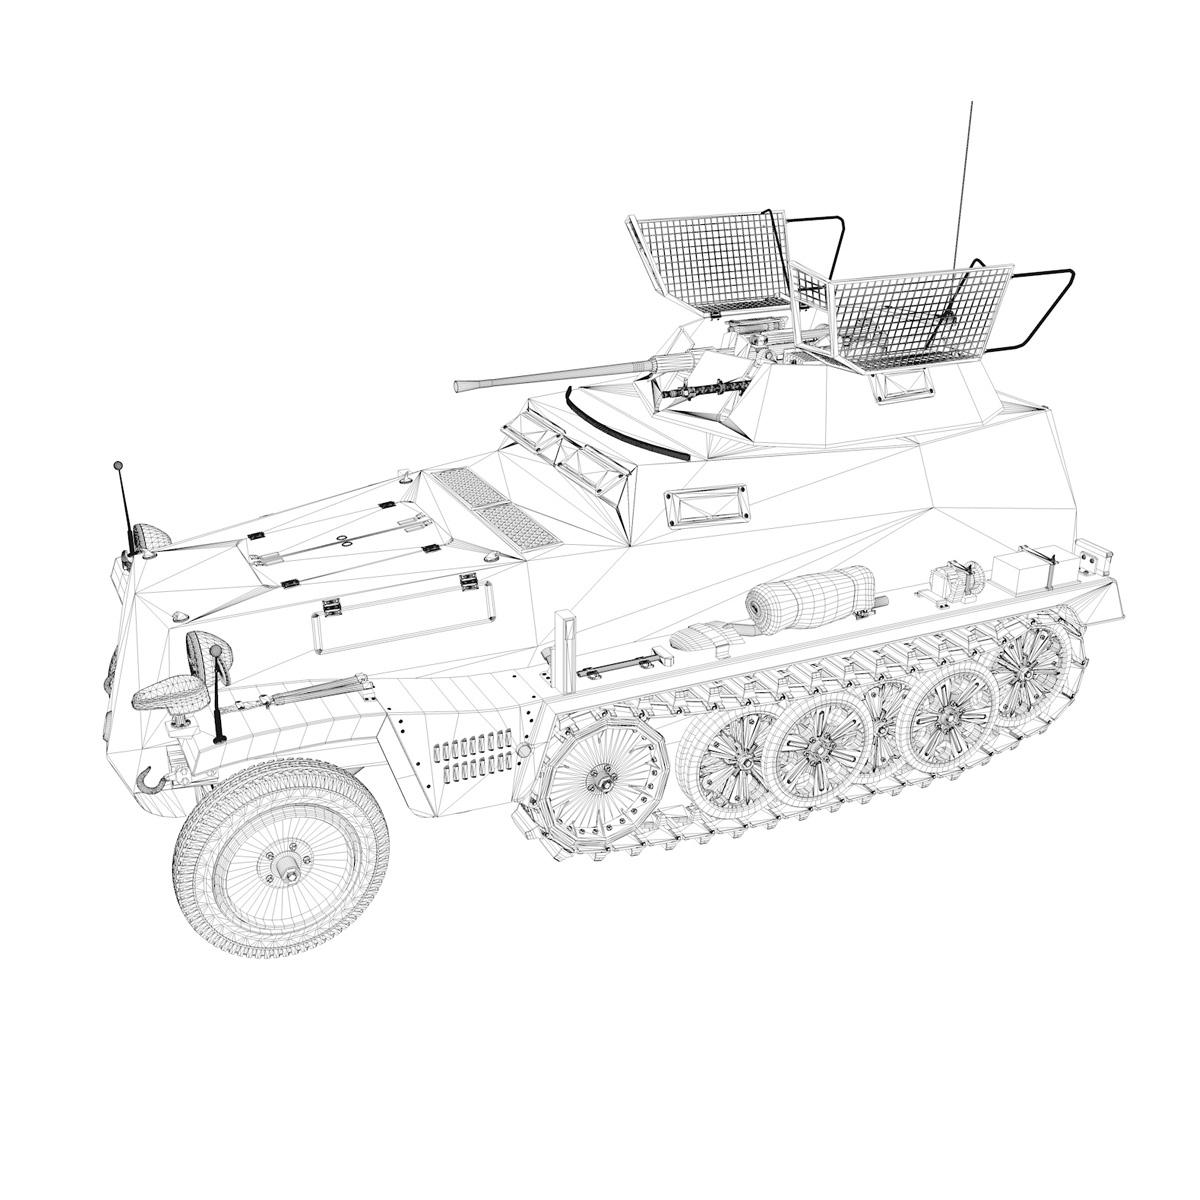 sd.kfz 250/9 – half-track reconnaissance vehicle 3d model 3ds fbx c4d lwo obj 202278